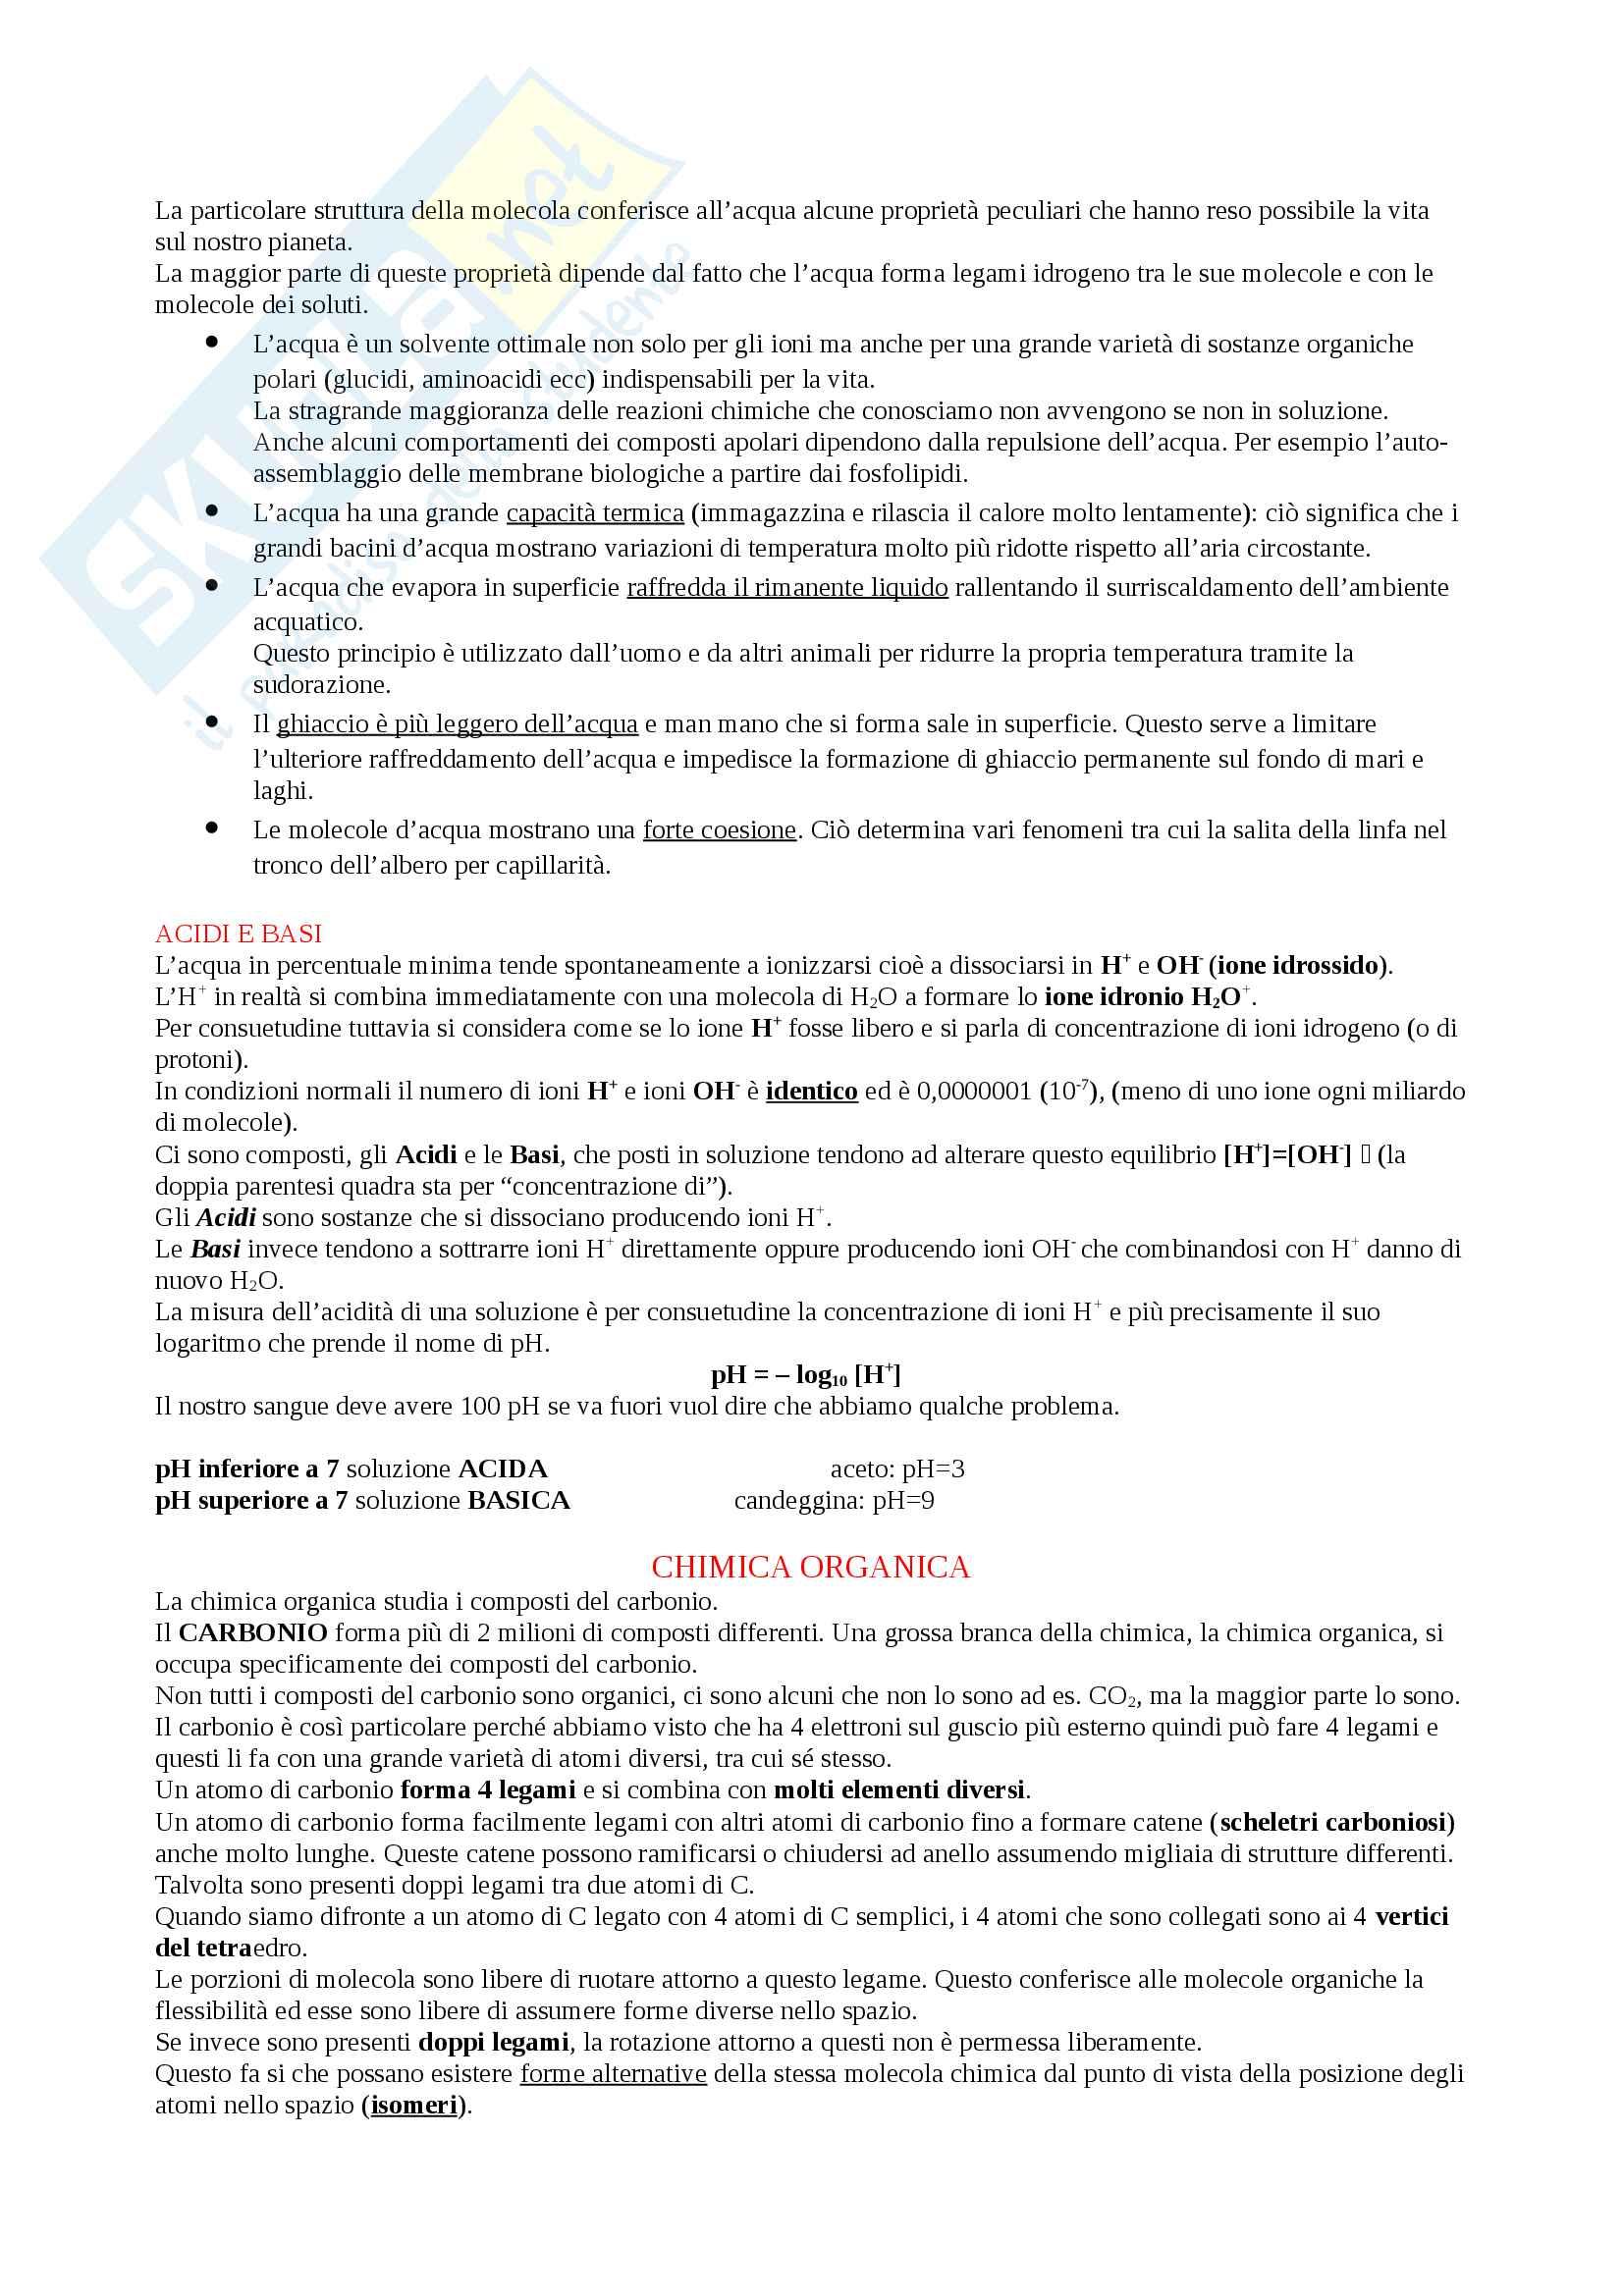 Appunti Biologia-Chimica per superare OFA!! Utile anche per superare il Test d'ingresso Pag. 6